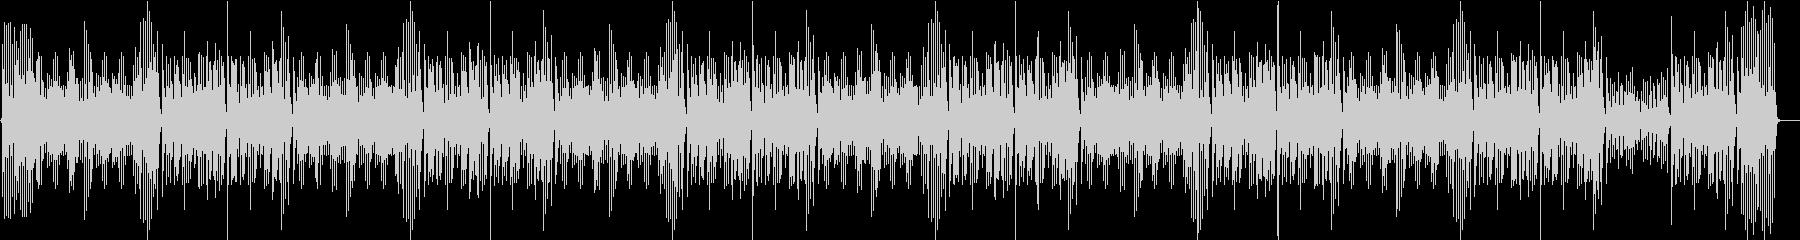 ジングルベル、古い映画風ピアノ の未再生の波形